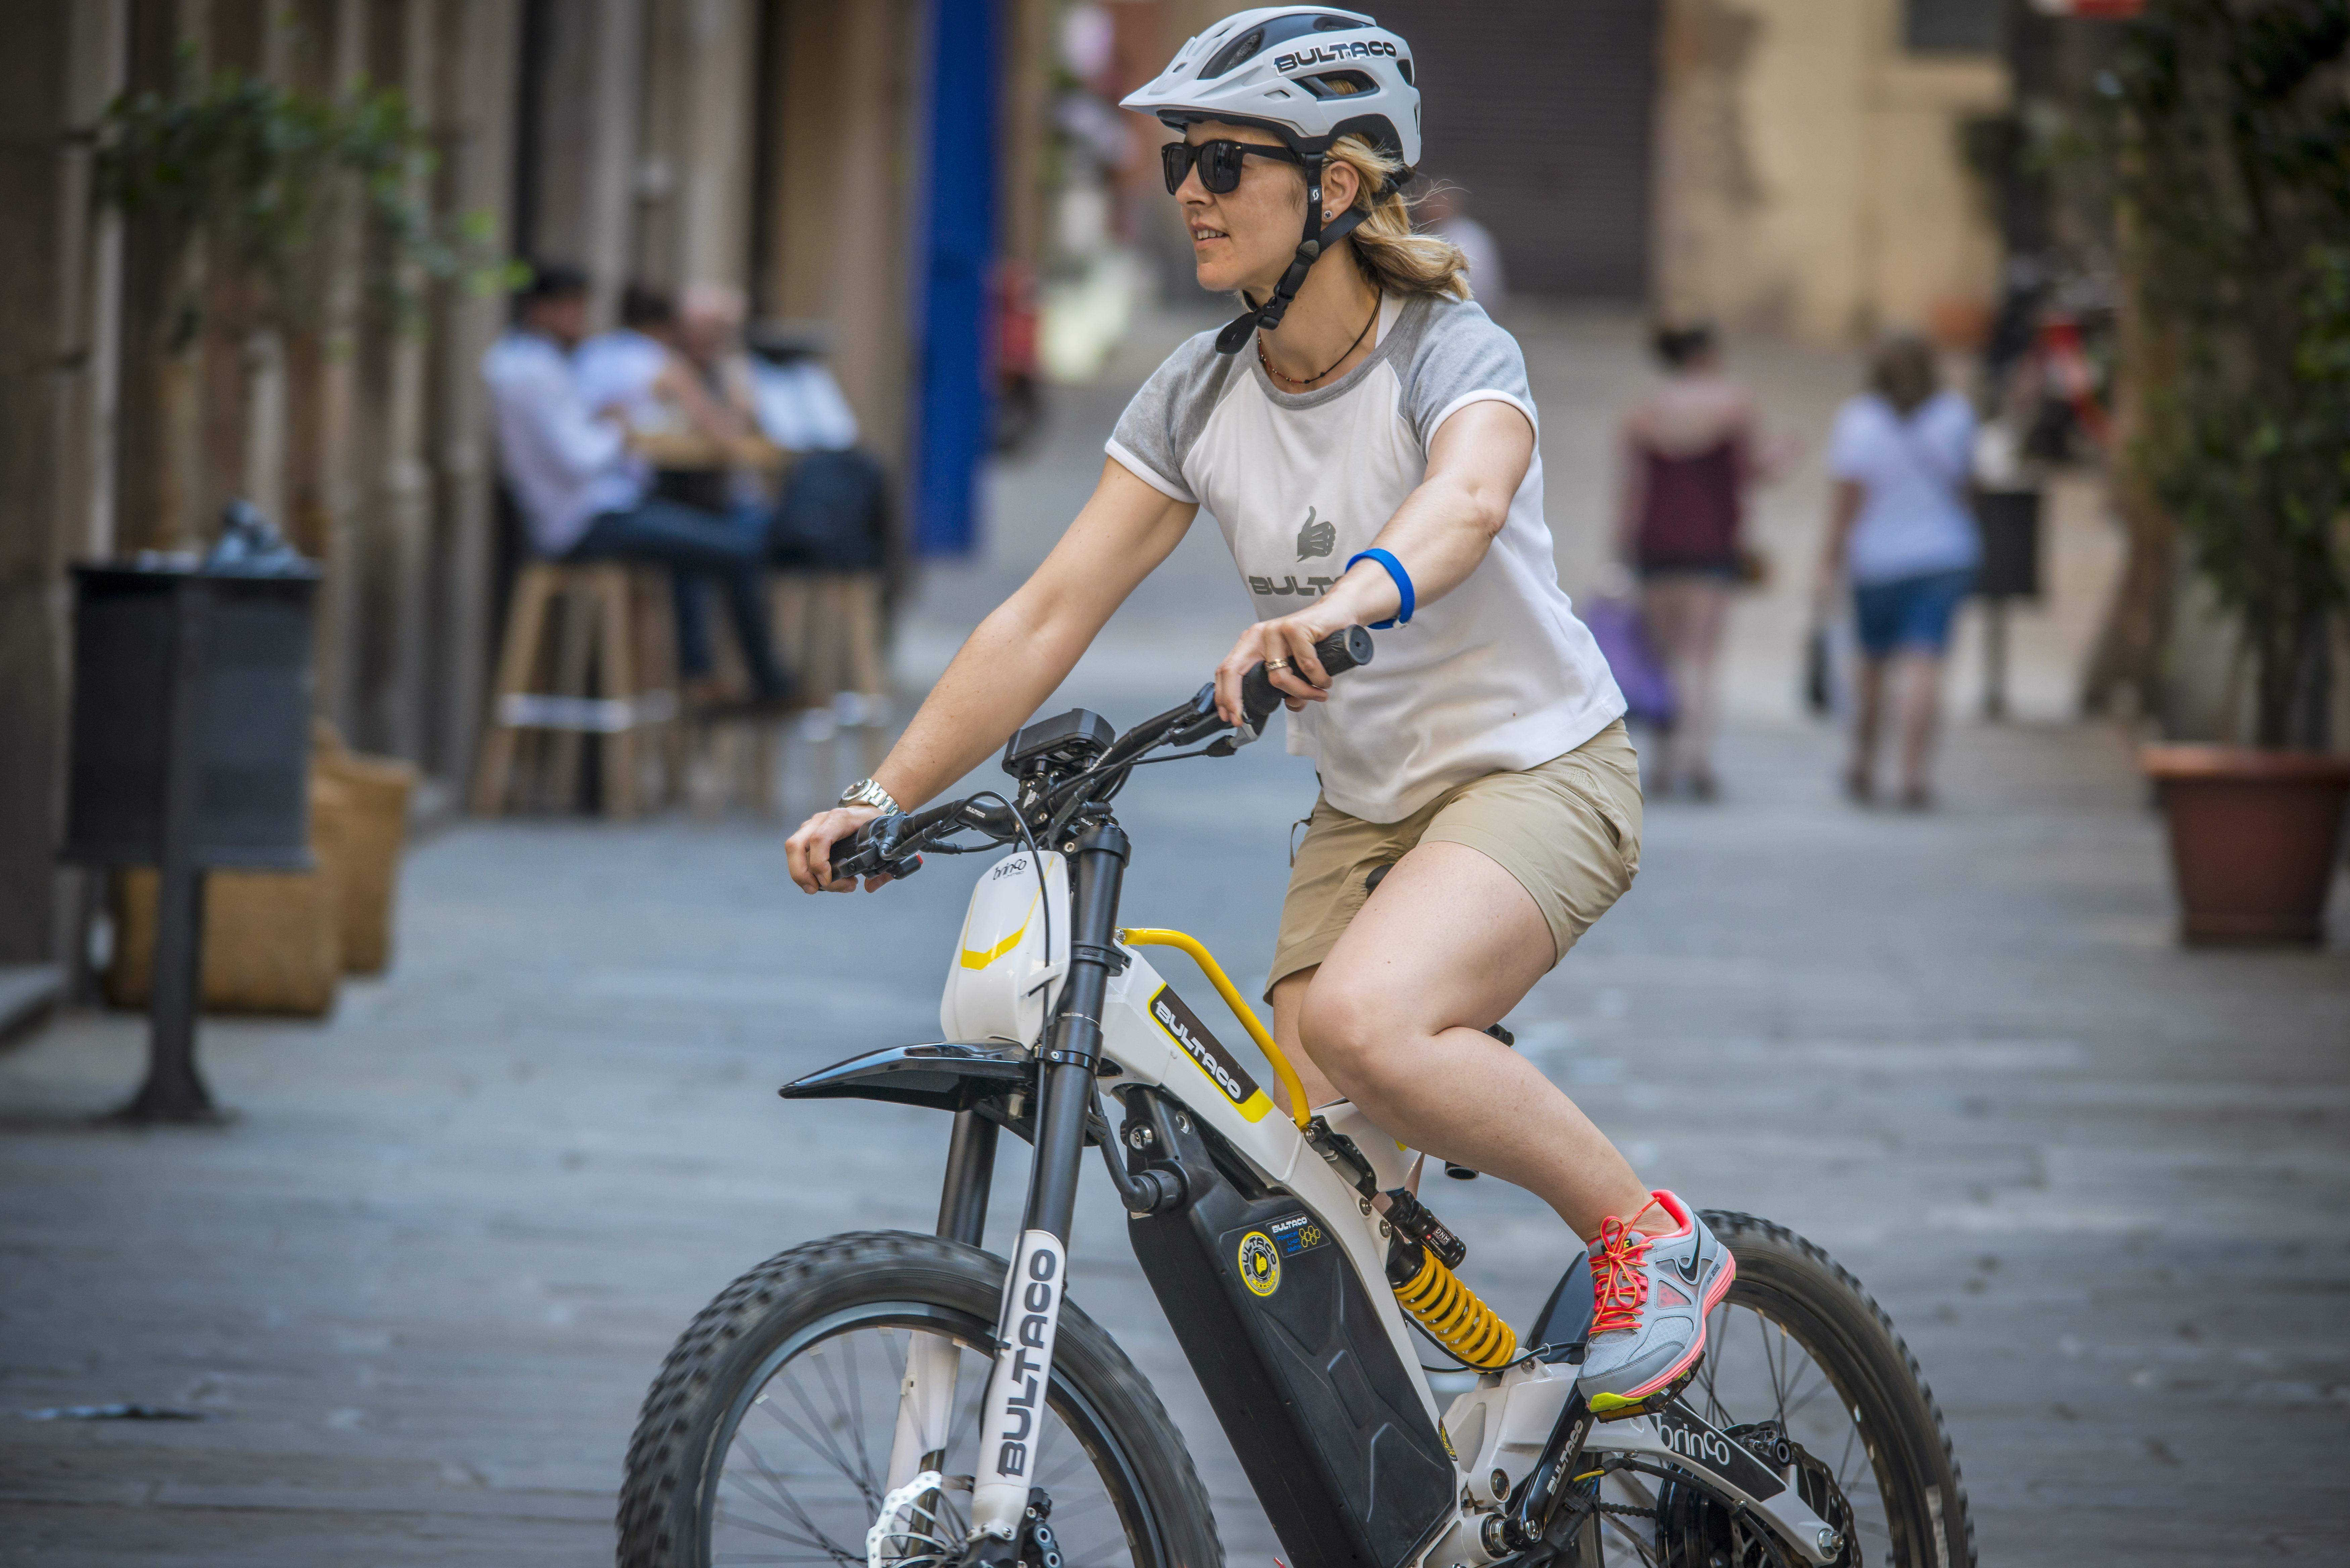 Bultaco ready to produce 1,000 bikes a year